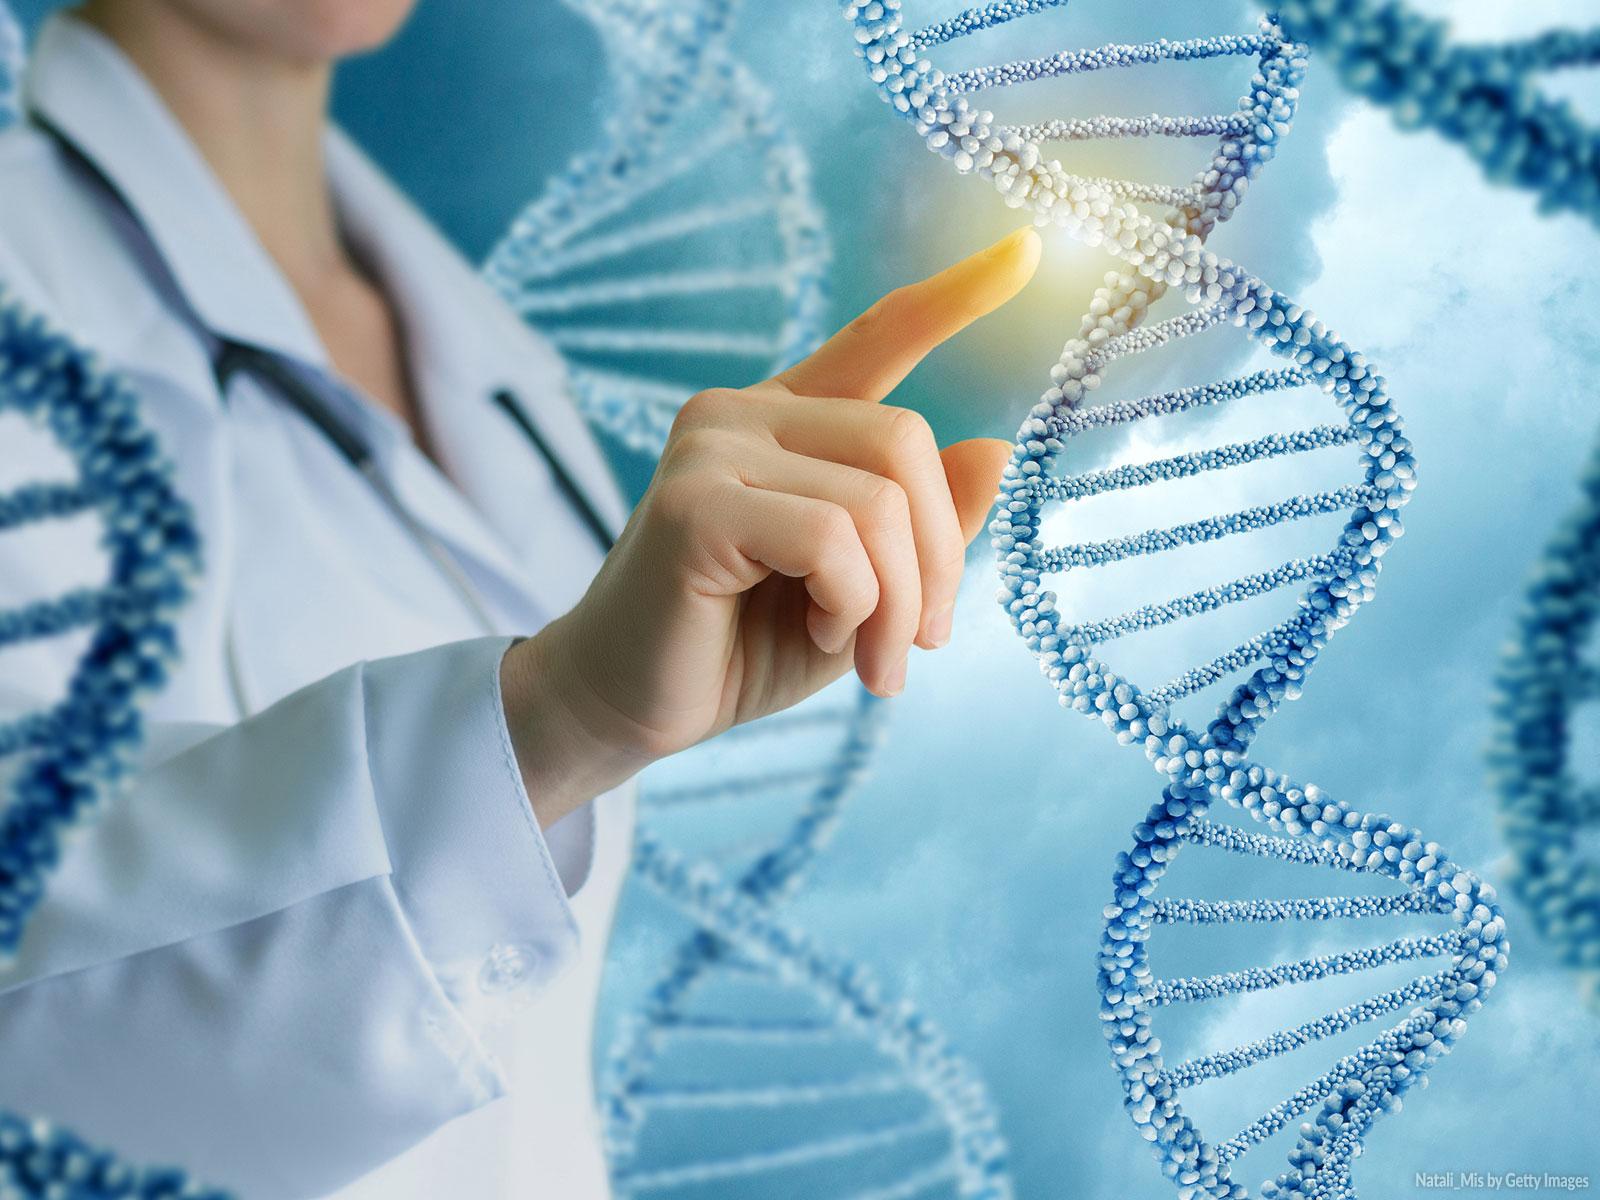 Manipulação-genética-pode-curar-doenças-hereditárias